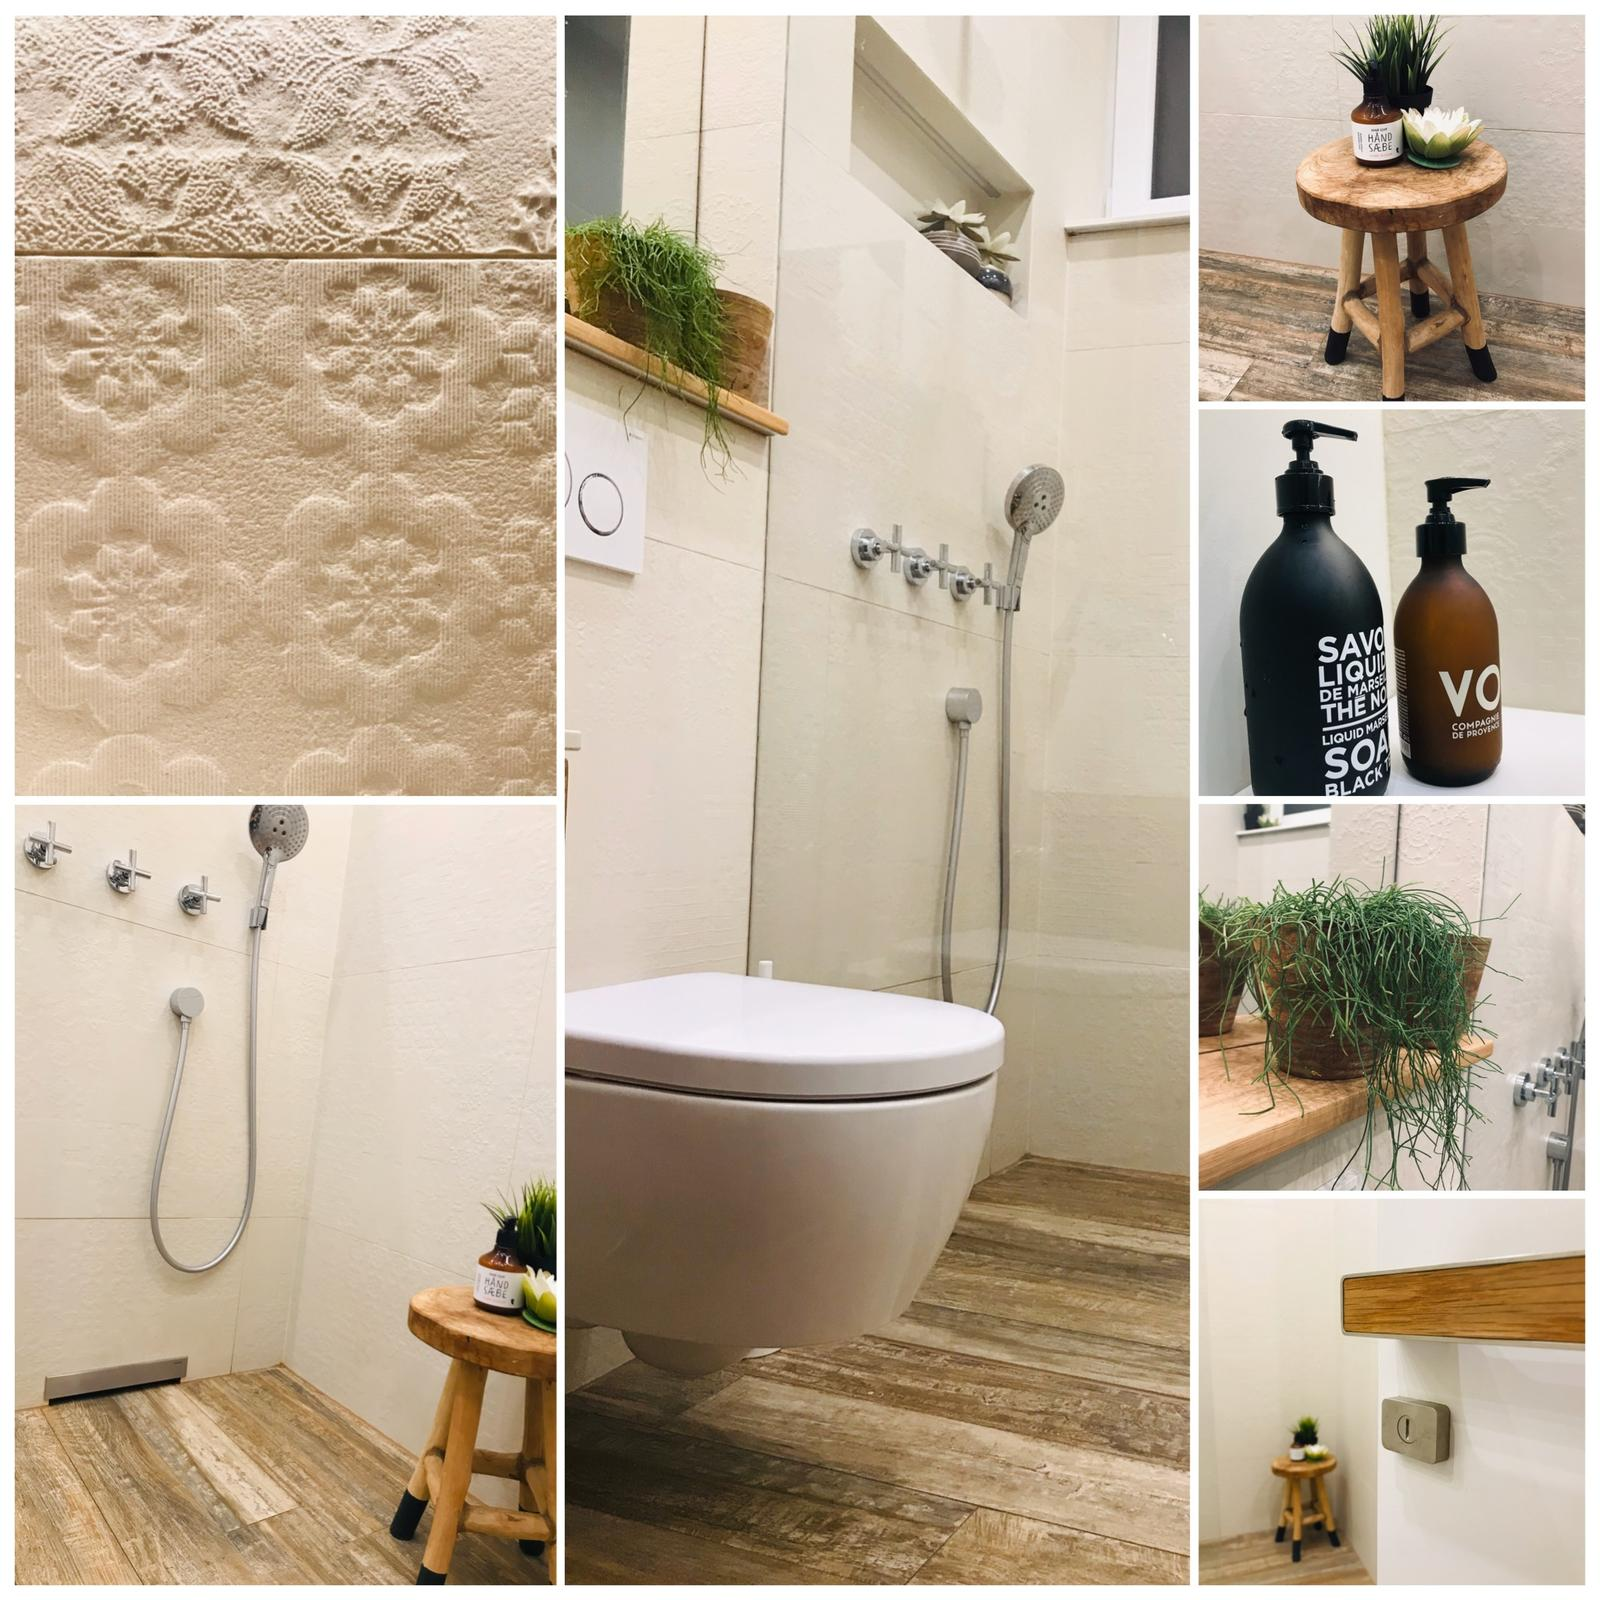 Naše L-ko - 2021 - stále dokončujeme - Malá kúpelňa - sprchový kút walk in s wc - v krémových odieňoch a detail obkladu Mutina